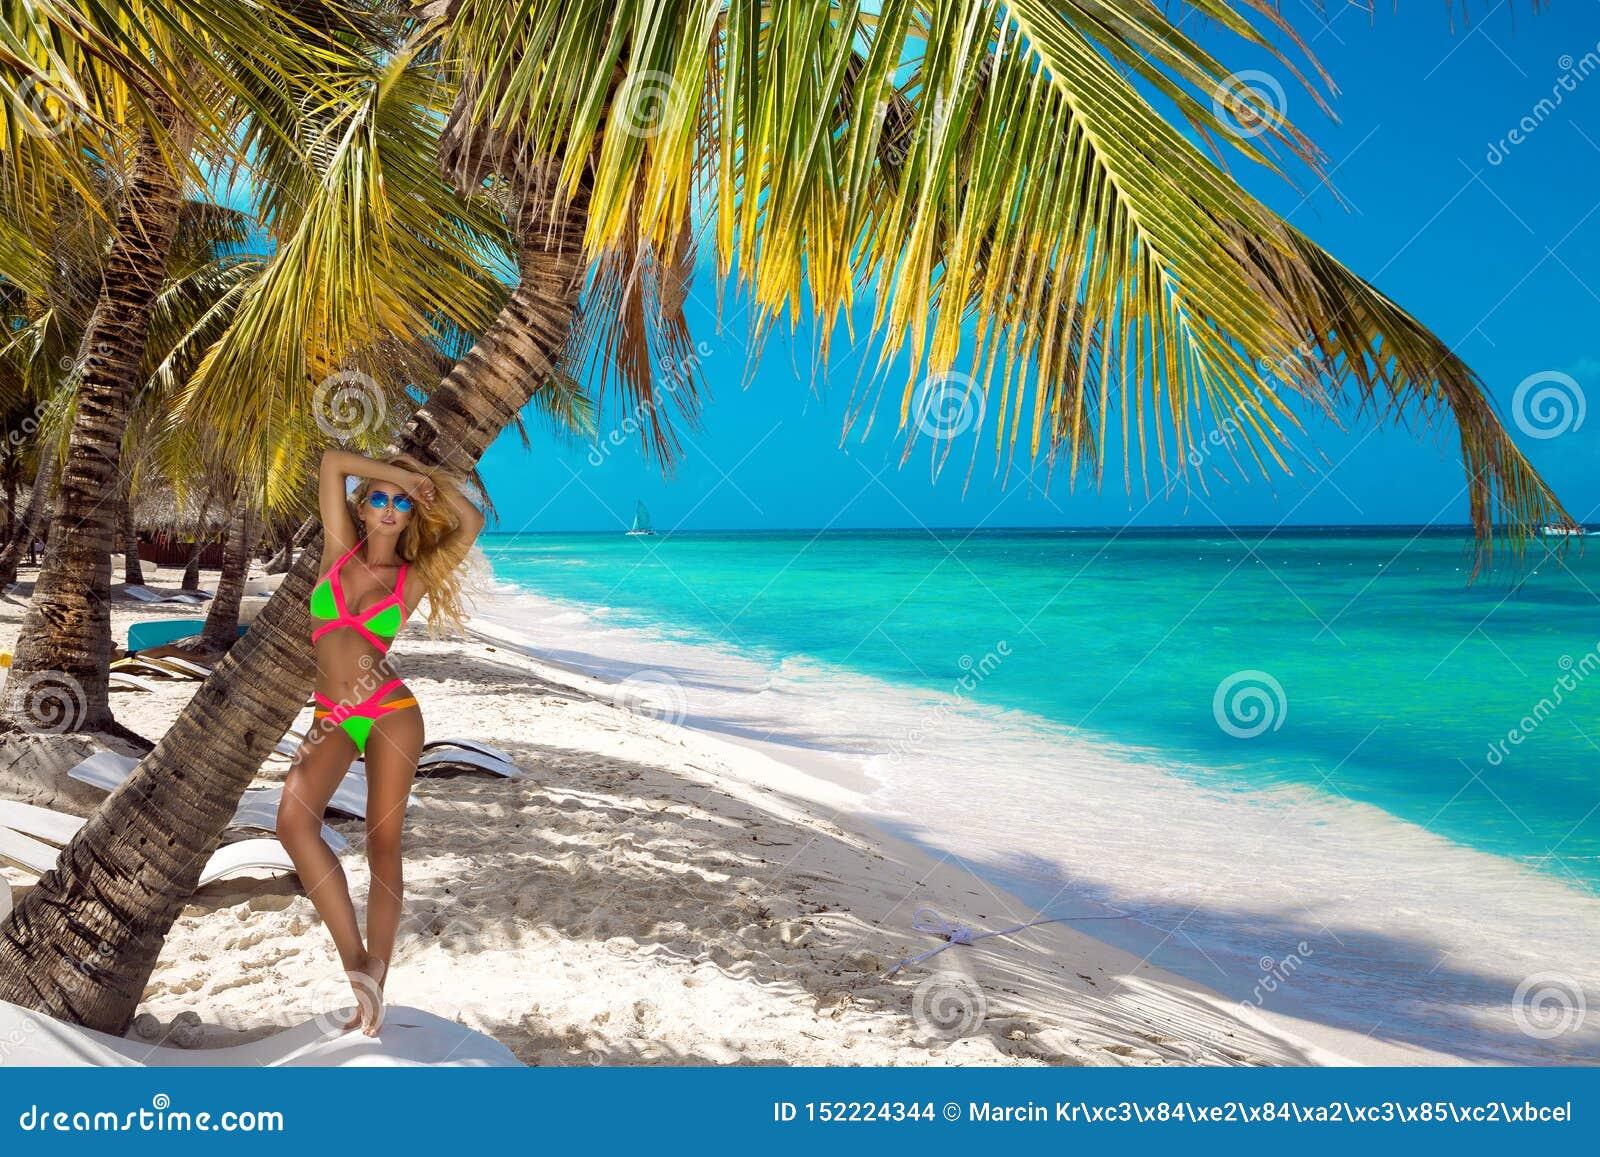 Bella ragazza abbronzata nei supporti alla moda del bikini accanto ad una palma sulla spiaggia di un isola tropicale Vacanze esti